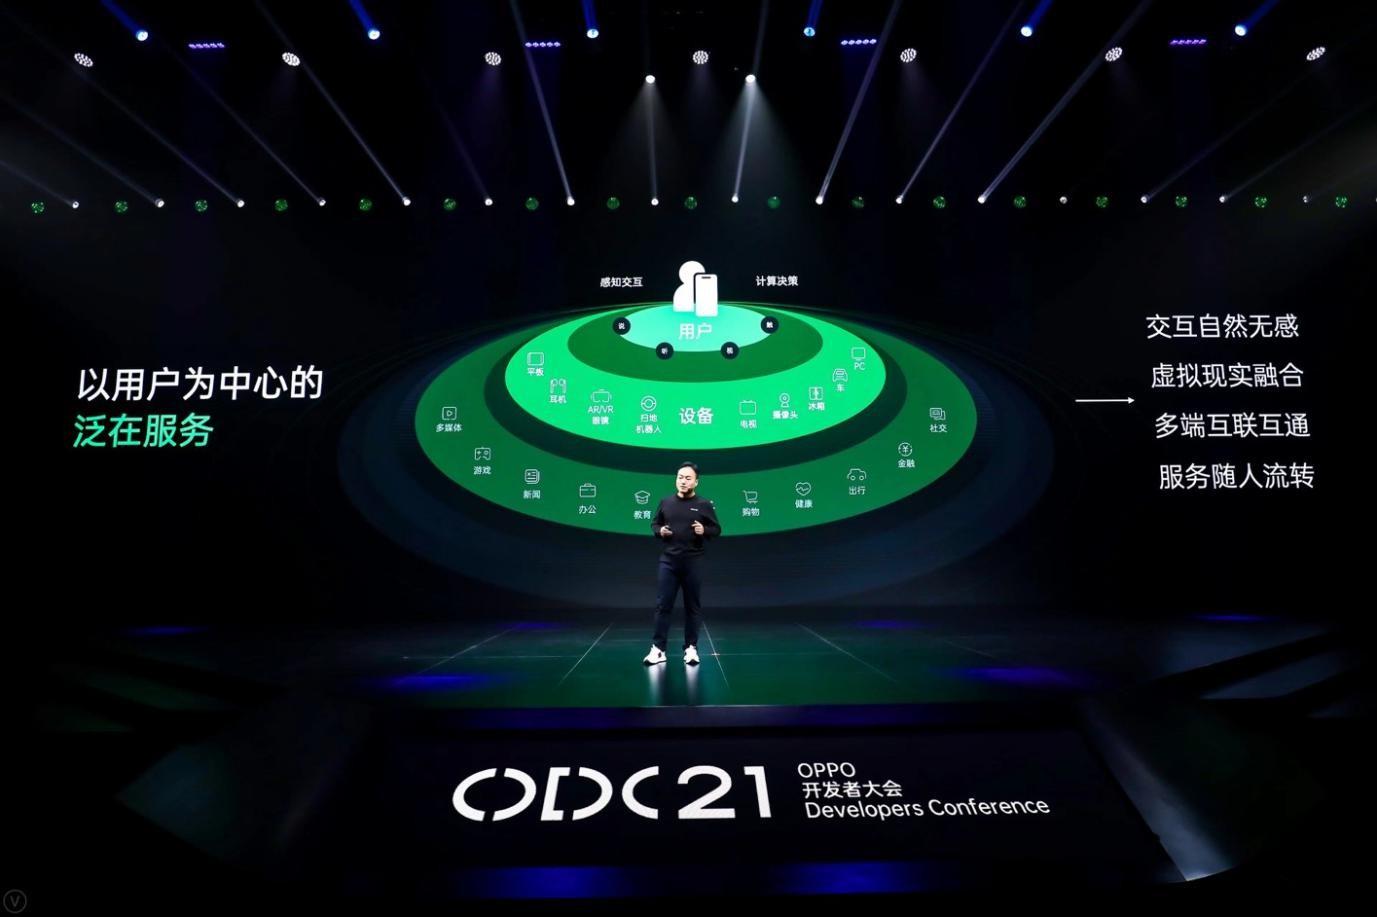 开放互融,致善创新,2021 OPPO开发者大会(ODC21)正式开幕